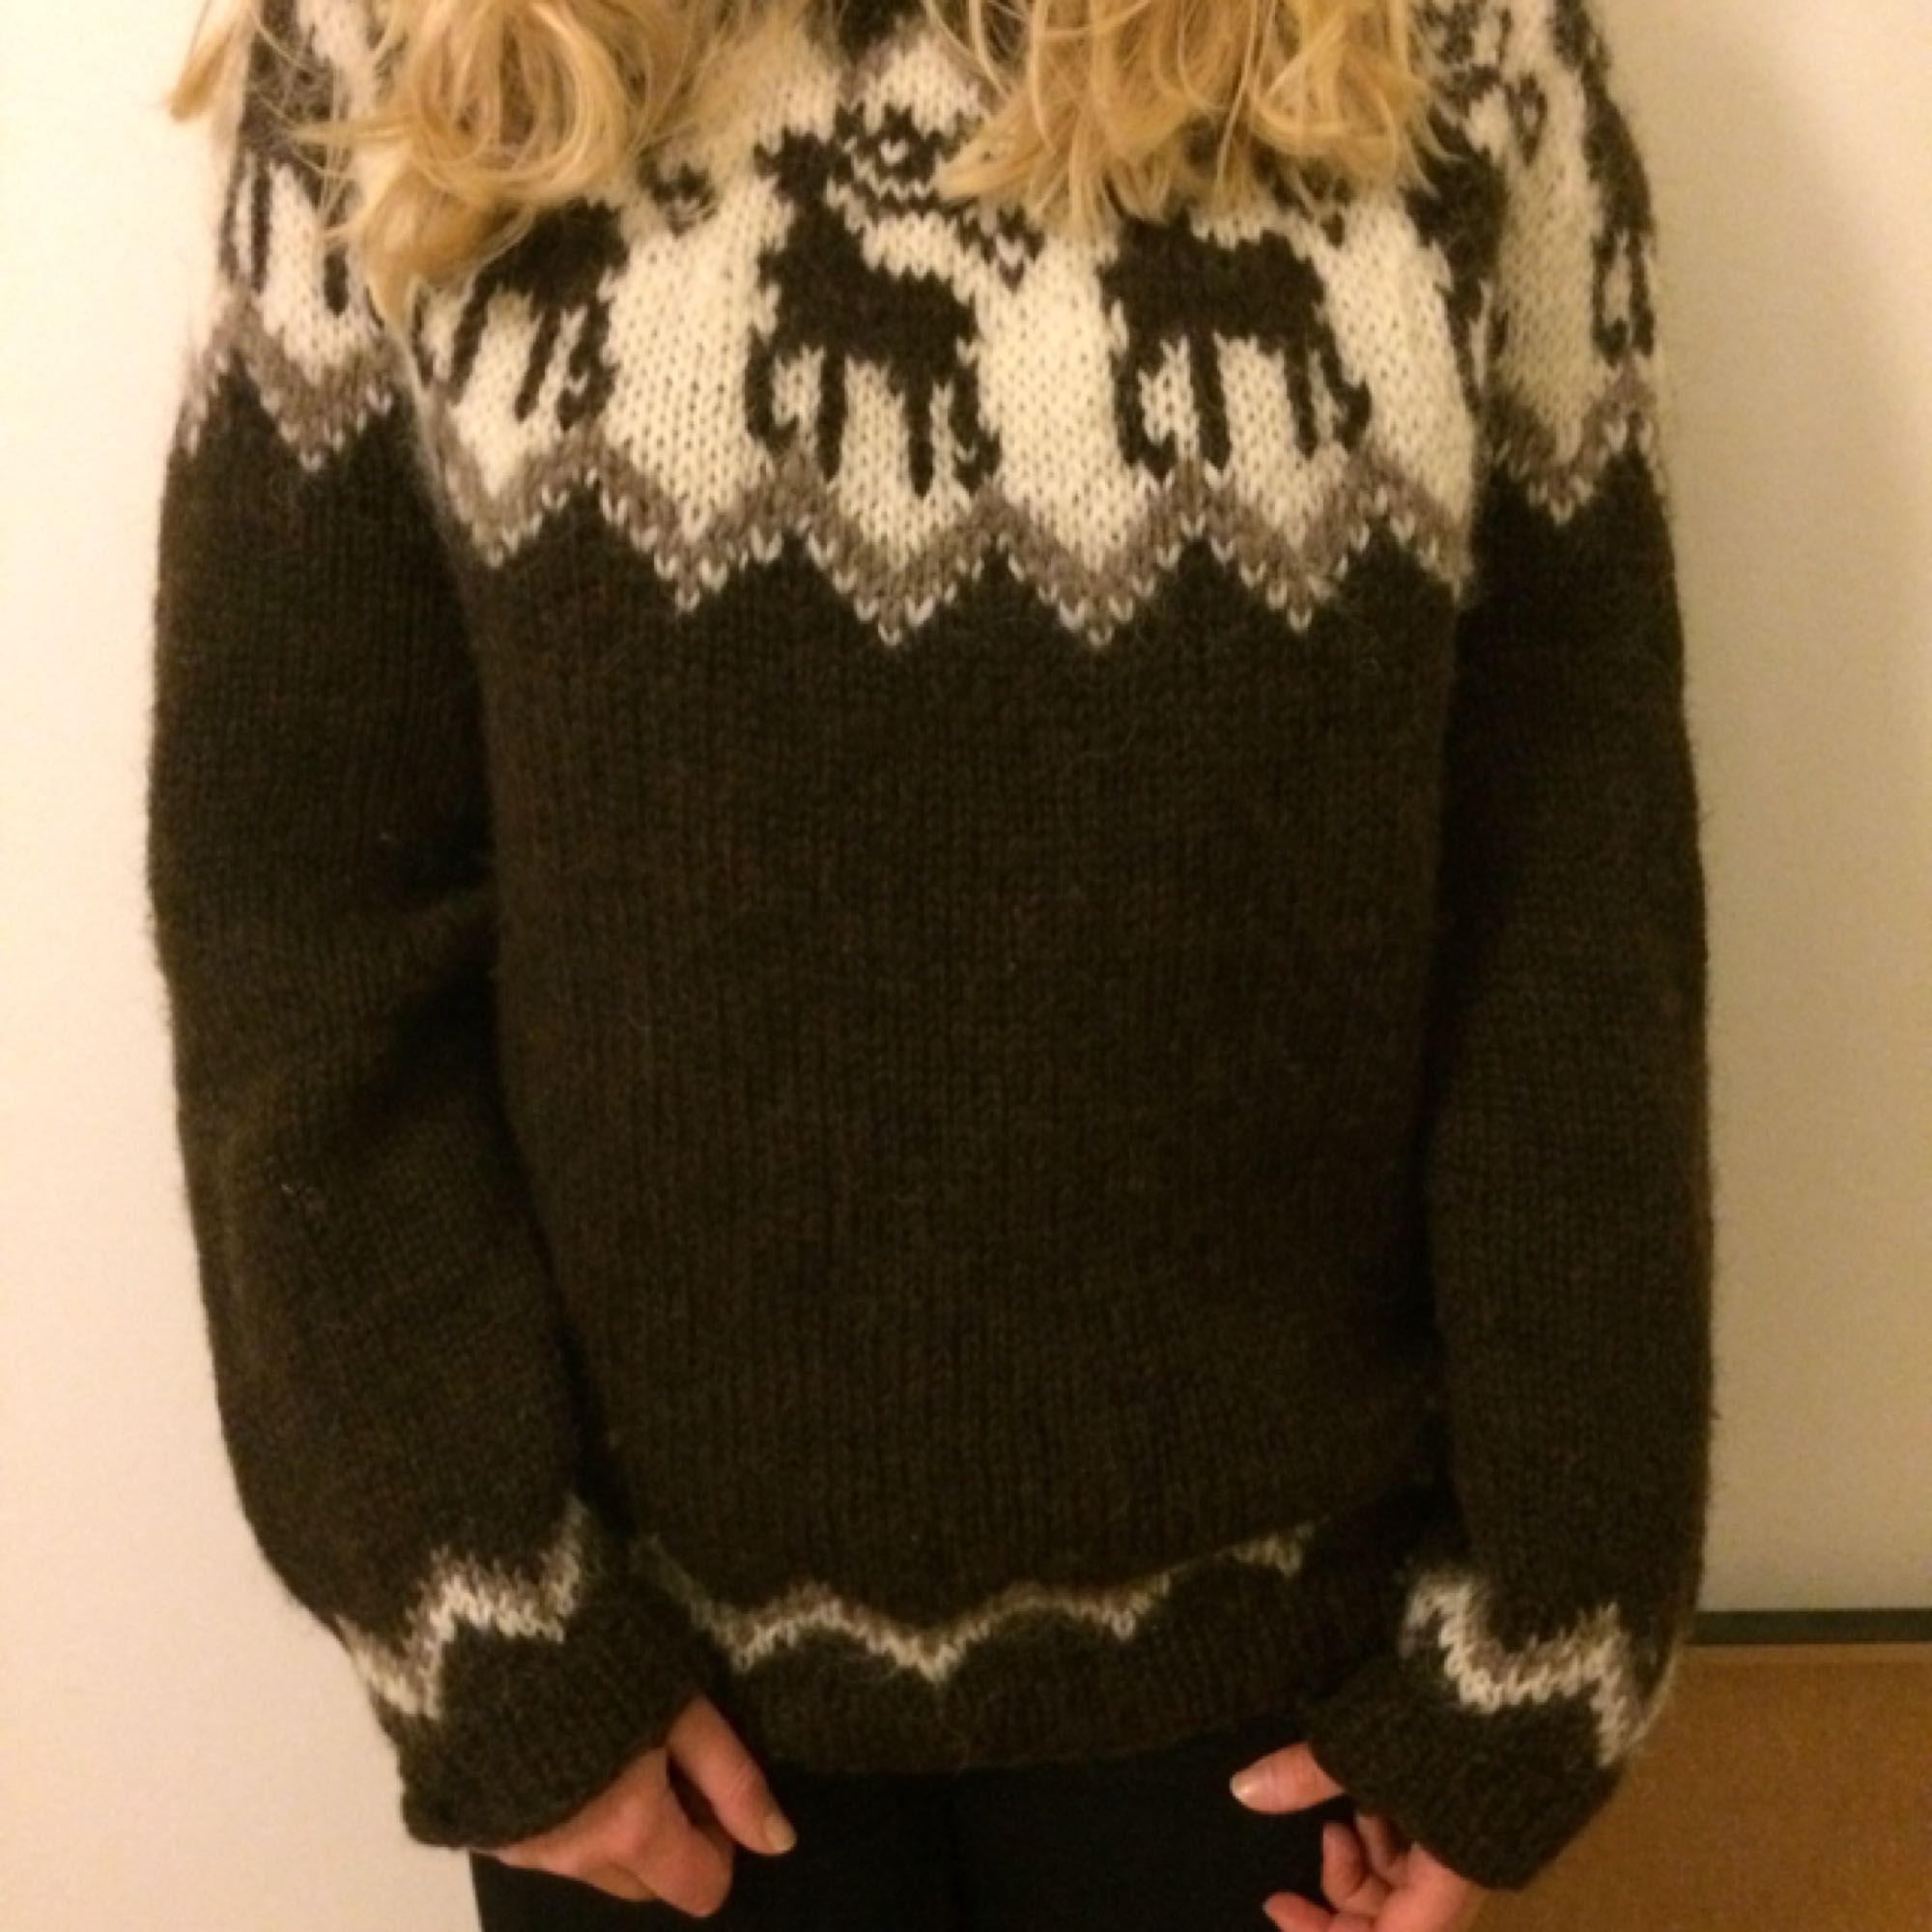 Äkta isländsk islandströja av 100% ull från Island. Riktigt varm! Specialbeställd från Island för 1000kr. Frakt står köparen för.. Stickat.